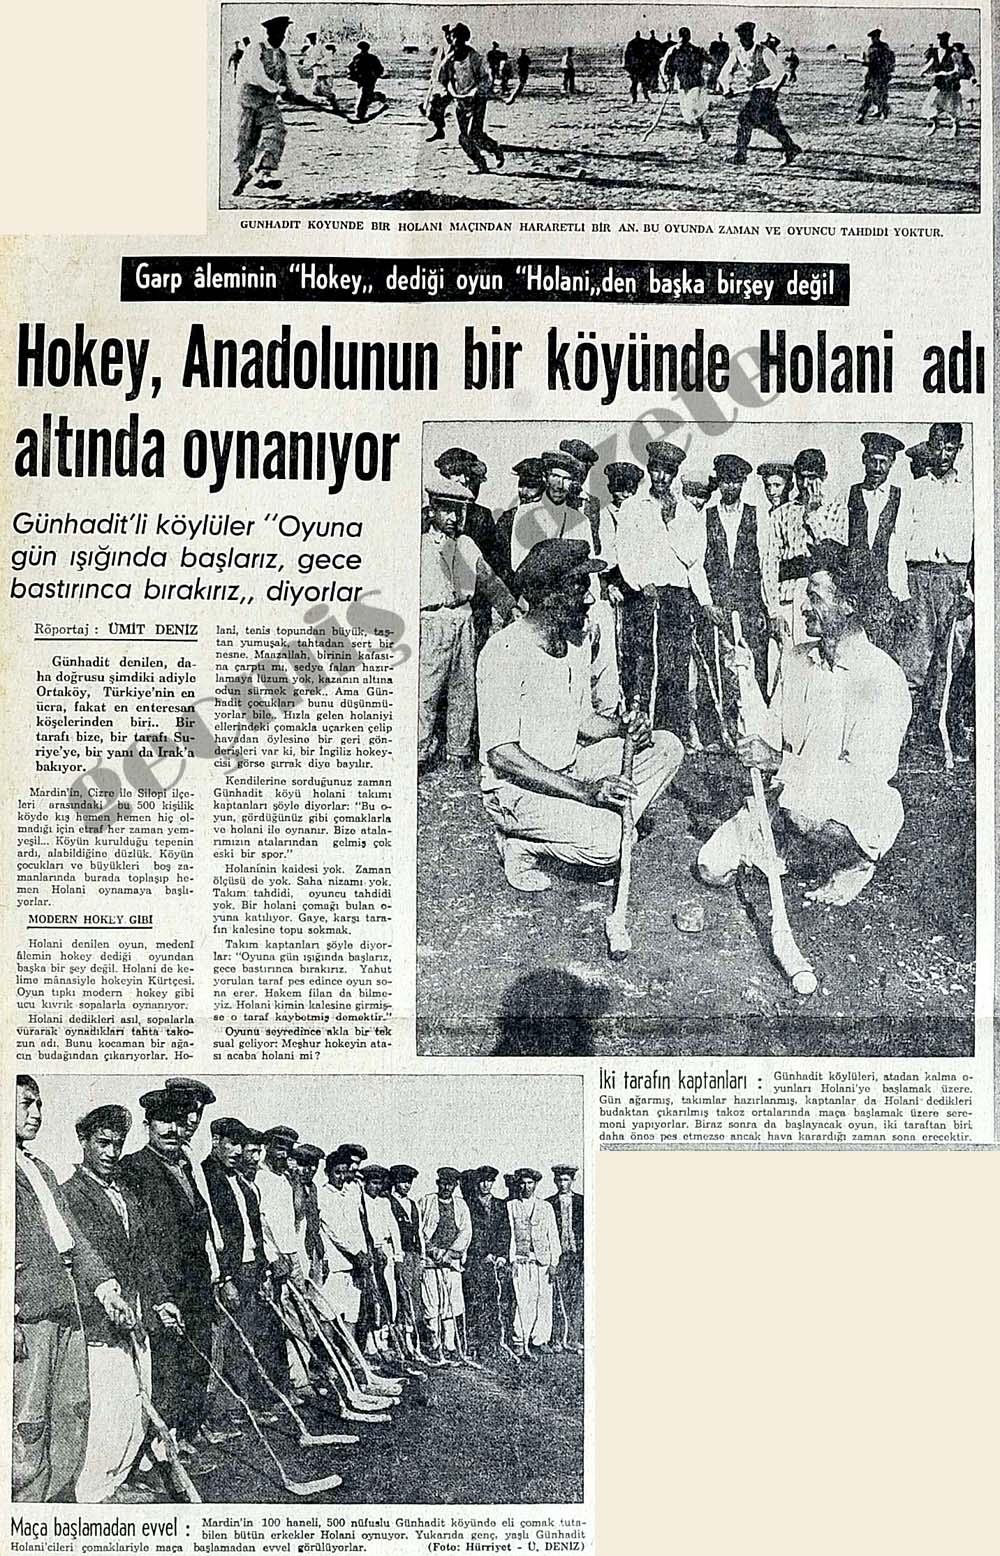 Hokey, Anadolunun bir köyünde Holani adı altında oynanıyor